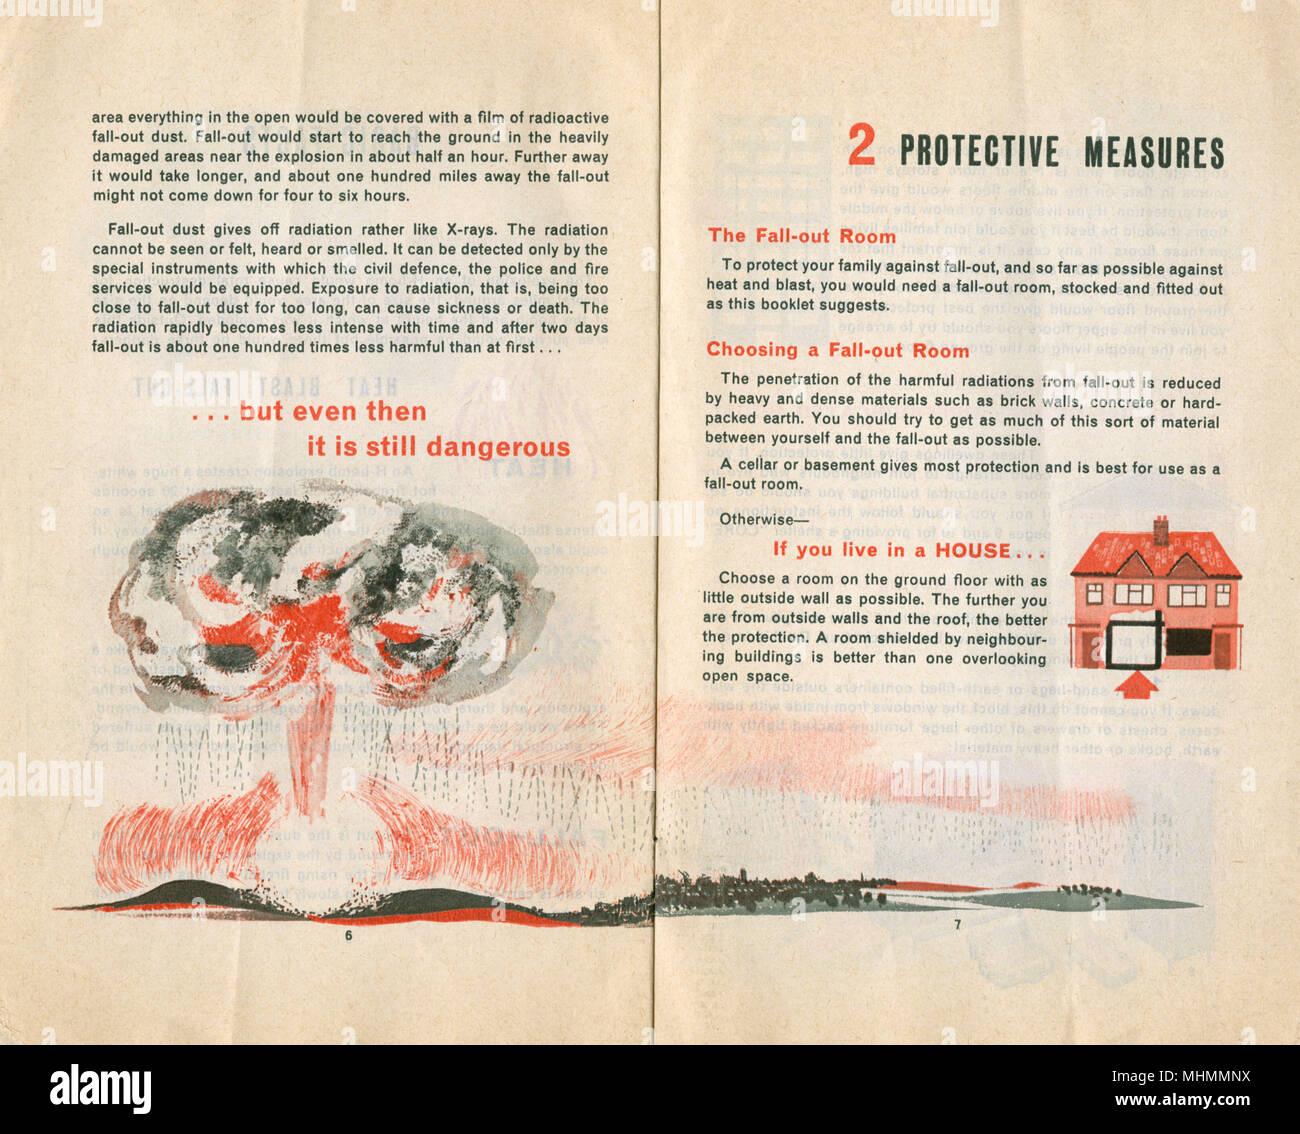 Manual de Defensa Civil con la continuación de los hechos básicos, e instrucciones para medidas de protección en caso de un ataque. Imagen De Stock